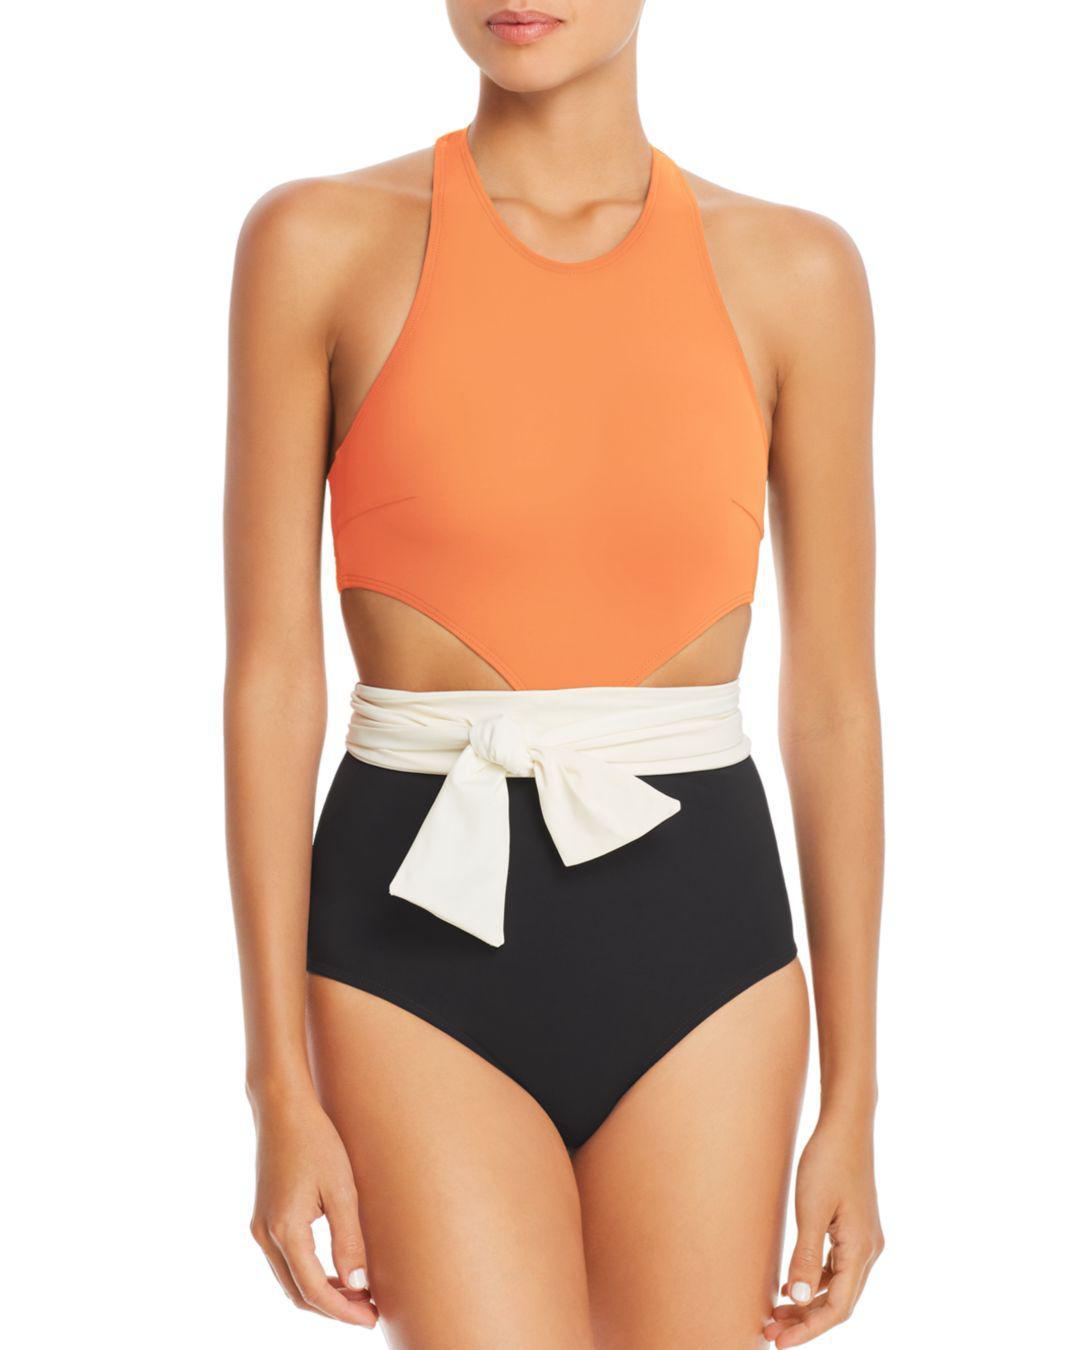 8243eaadd3 Flagpole Swim Lynn Color-block One Piece Swimsuit in Orange - Lyst